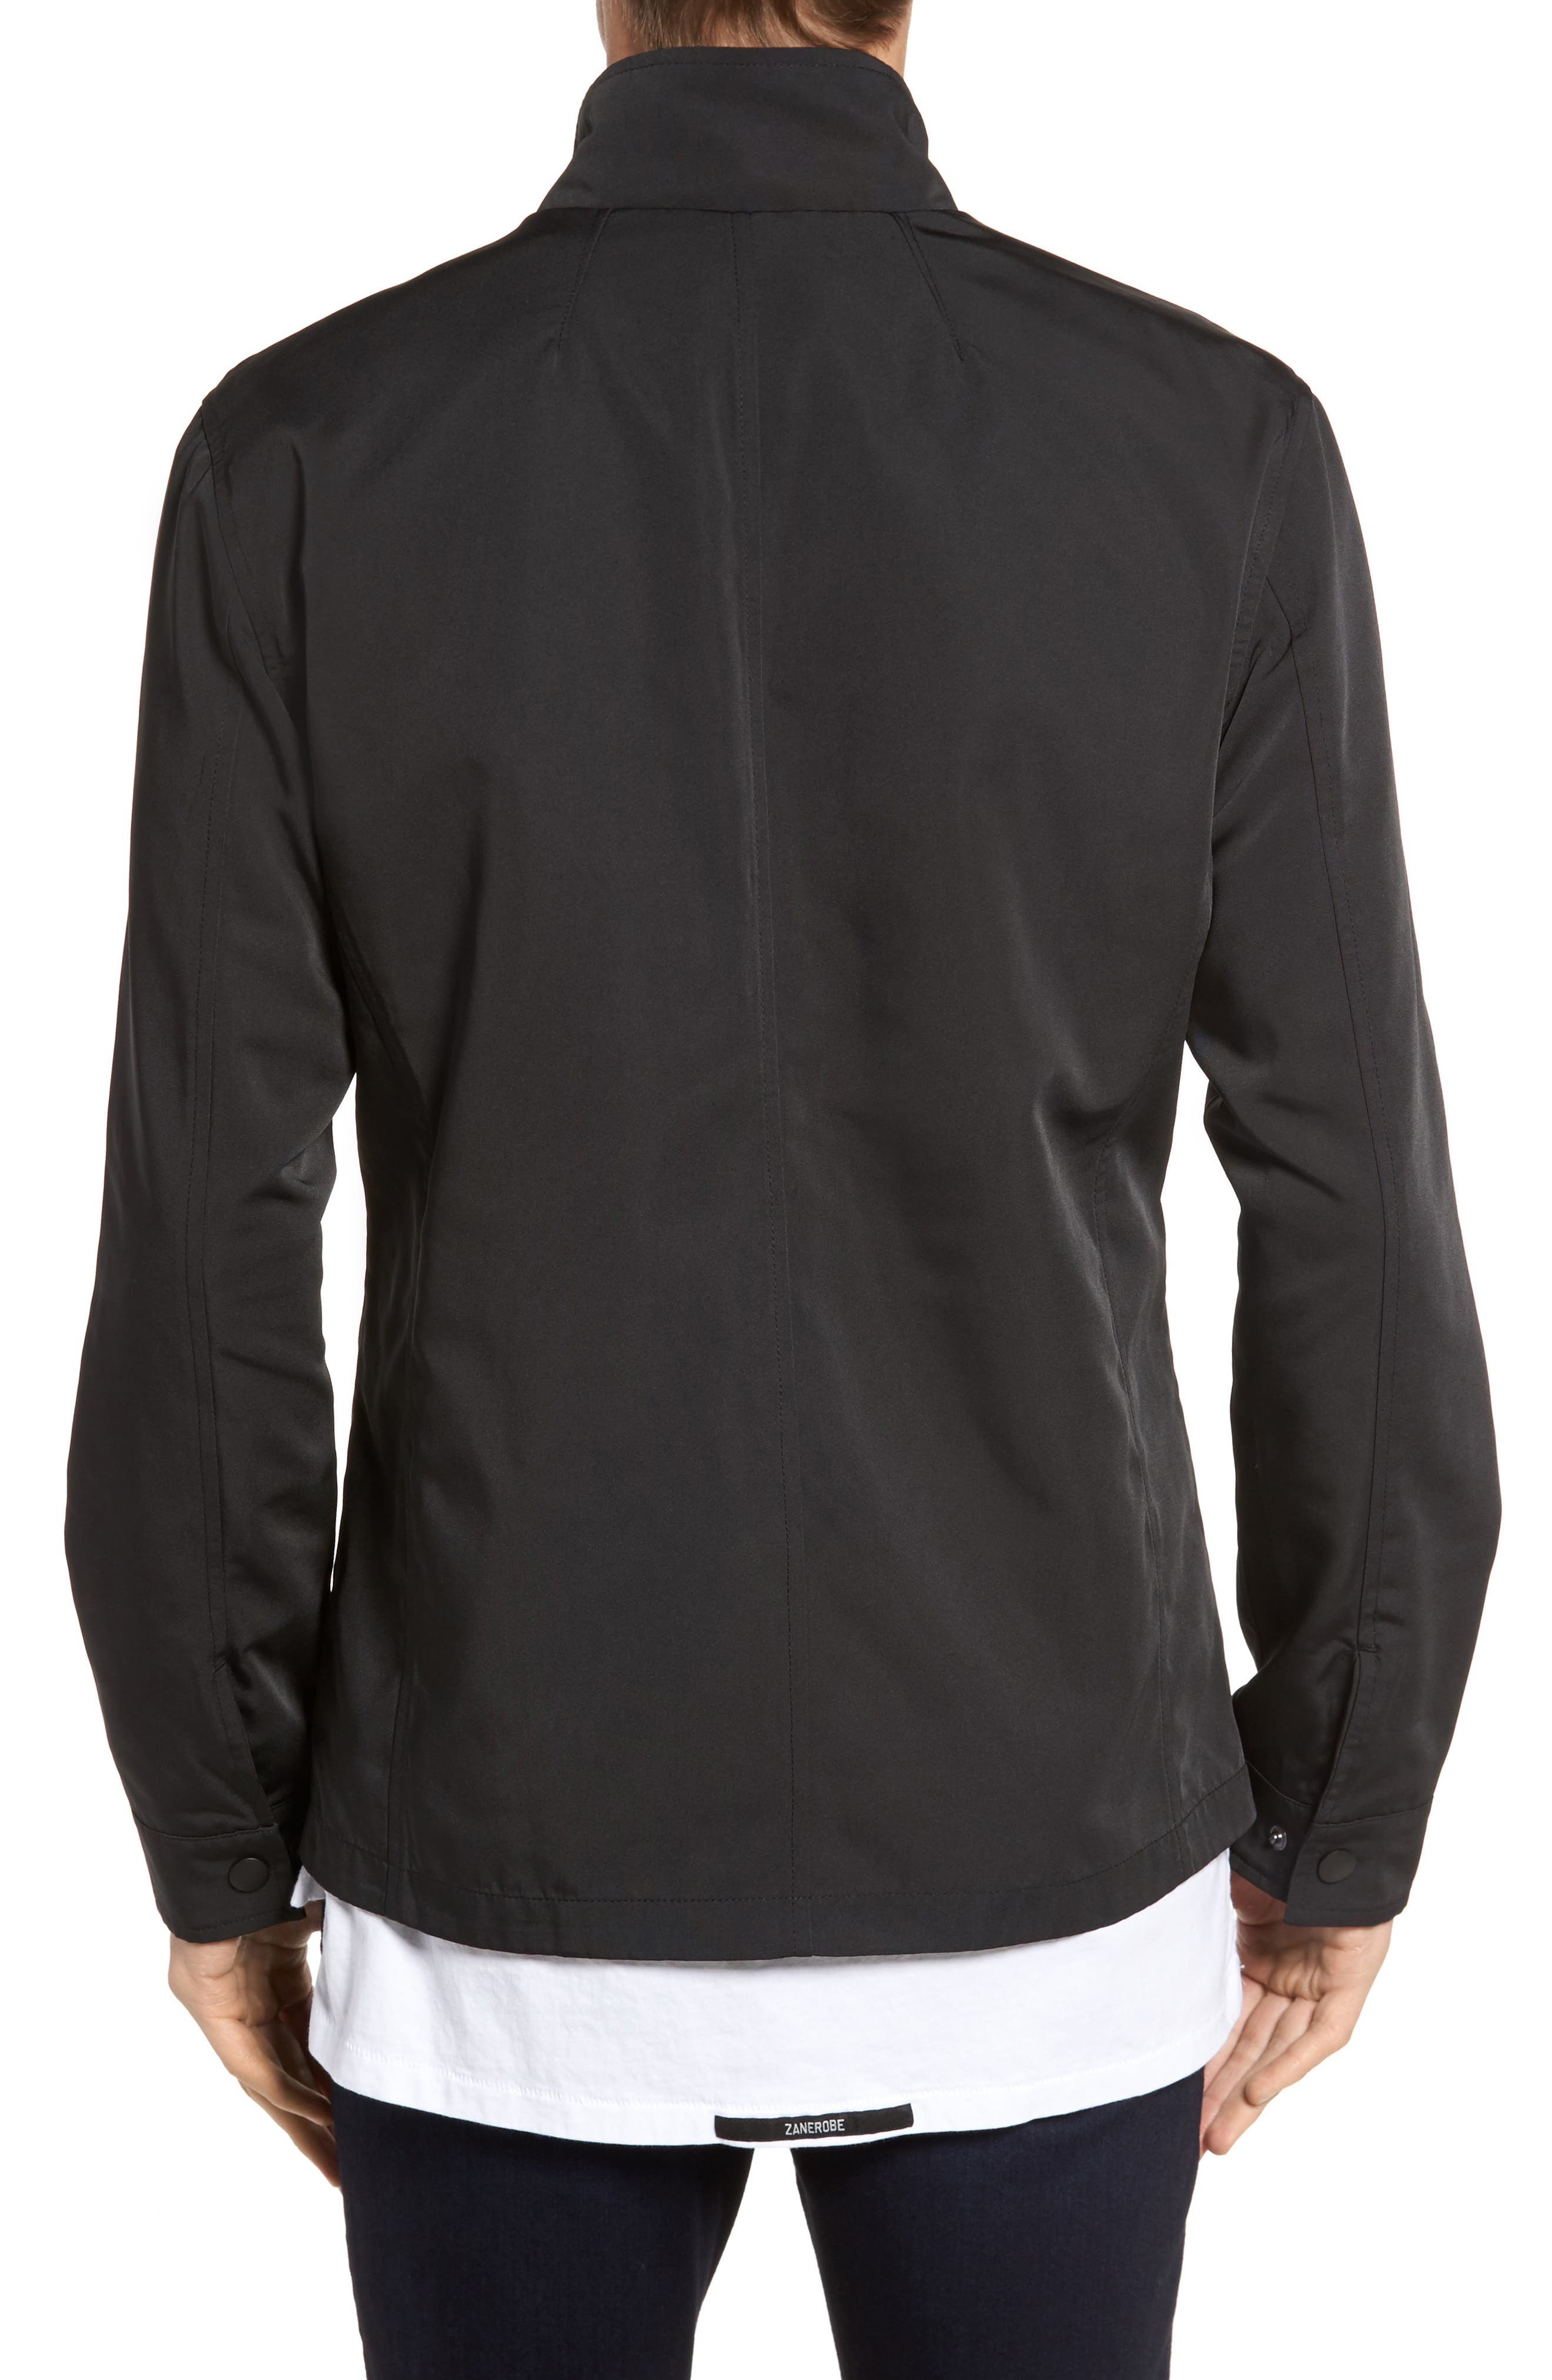 Alternate Image 2  - Civil Society Dougie Waterproof Jacket